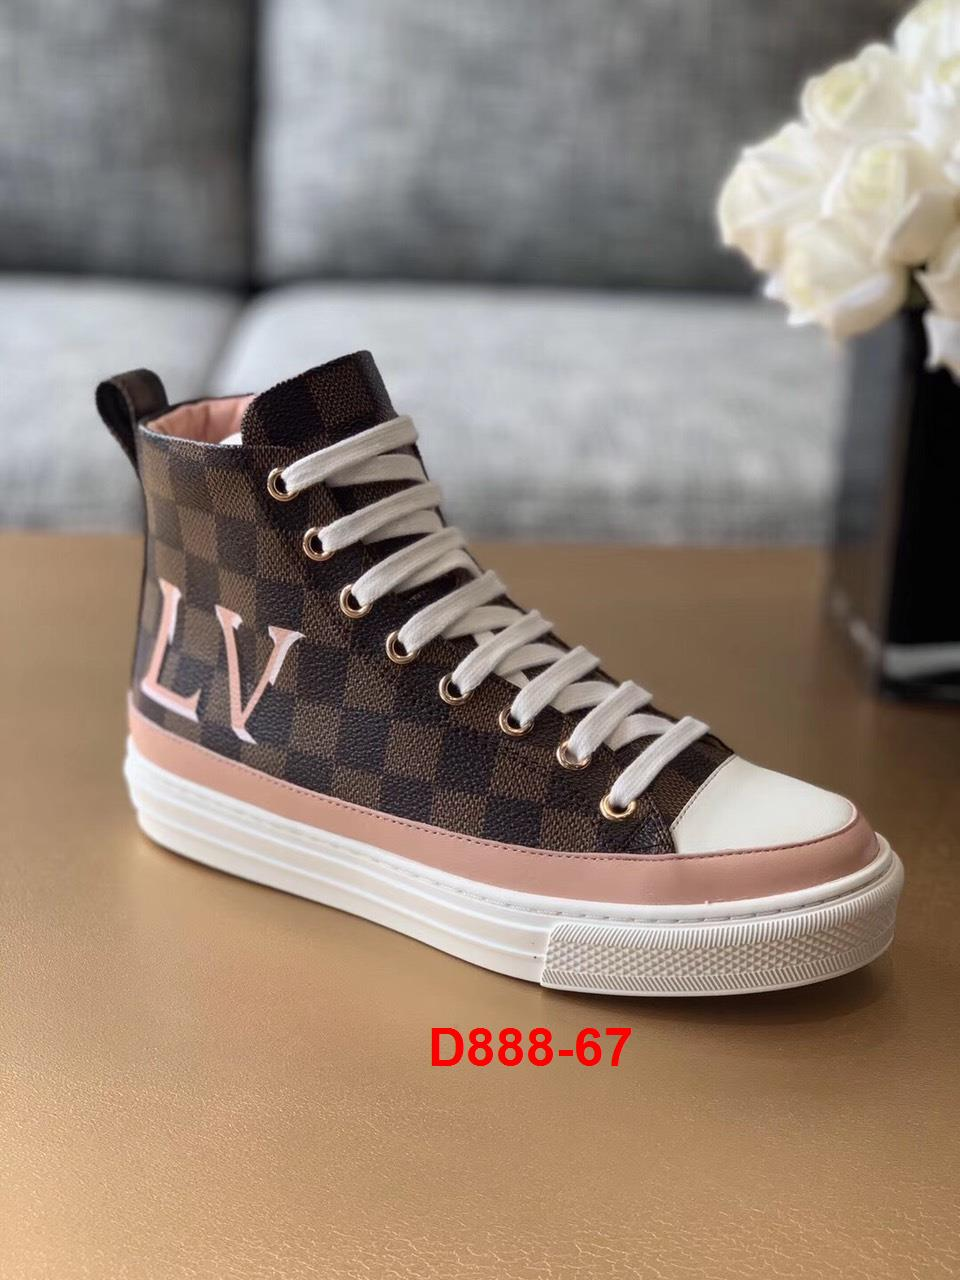 D888-67 Louis Vuitton giày thể thao siêu cấp